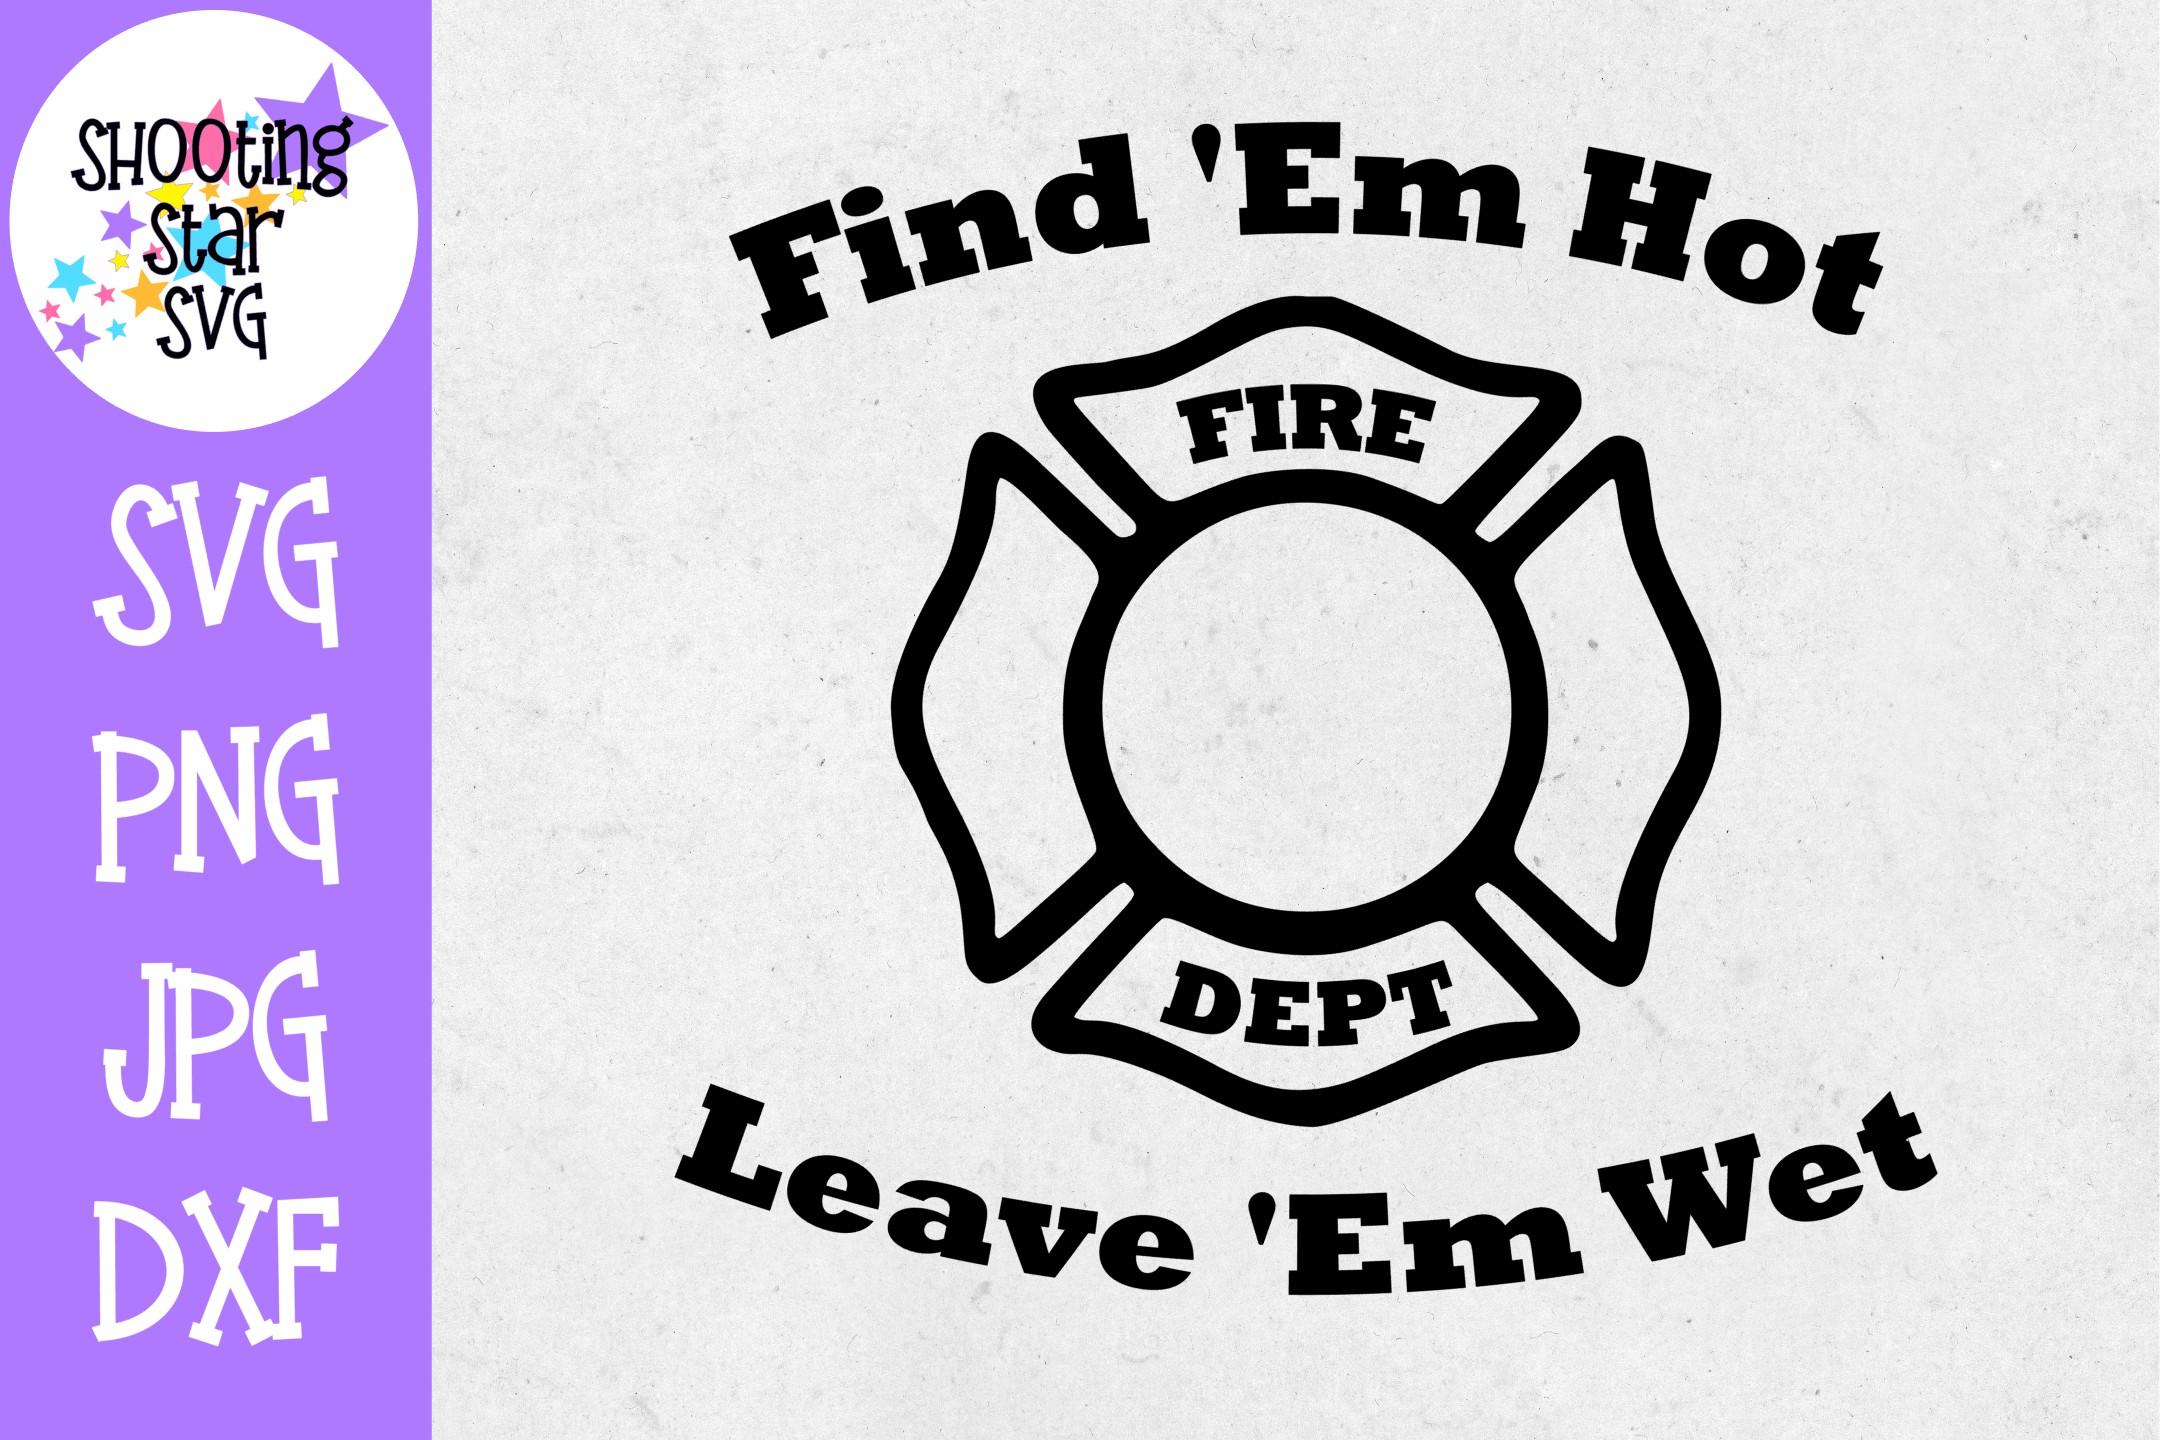 Firefighter Shirt SVG Bundle - Firefighter SVG - Fire SVG example image 6